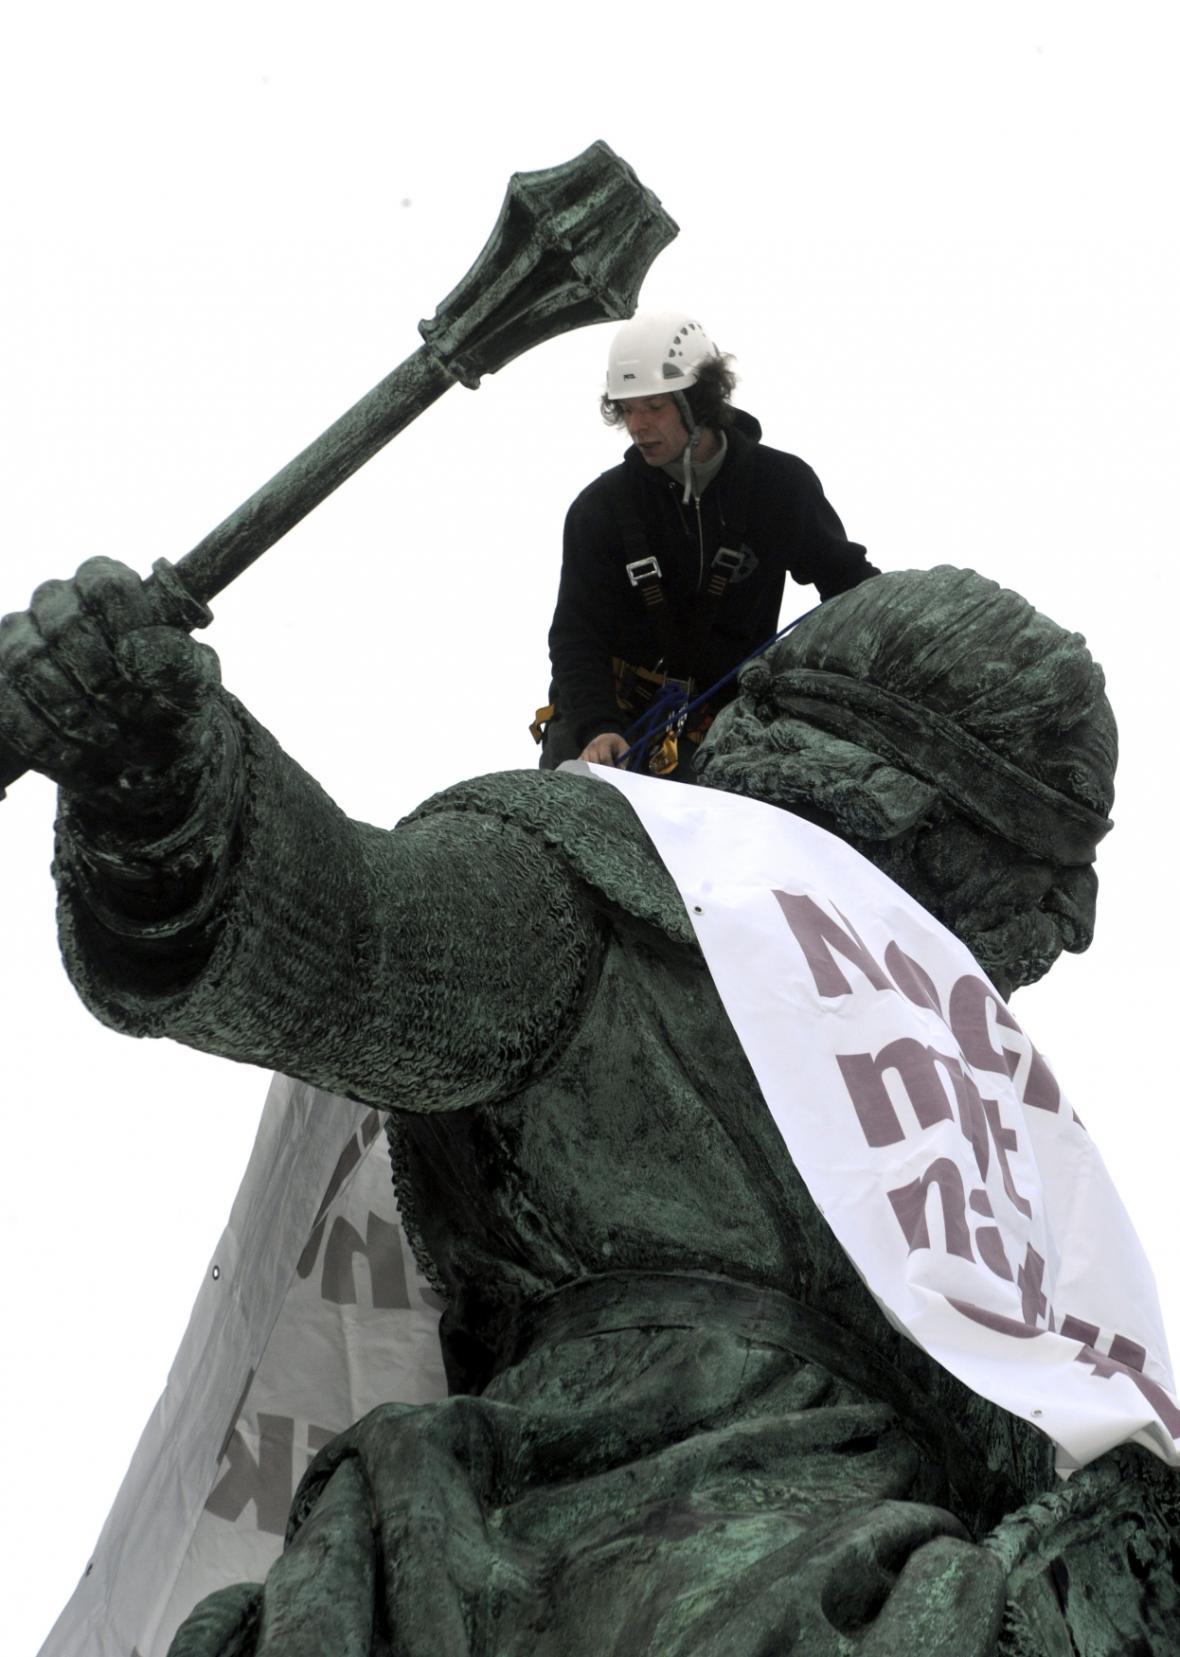 Aktivisté ze sdružení Dekomunizace oblékli v březnu 2008 sochu Žižky do trička s nápisem